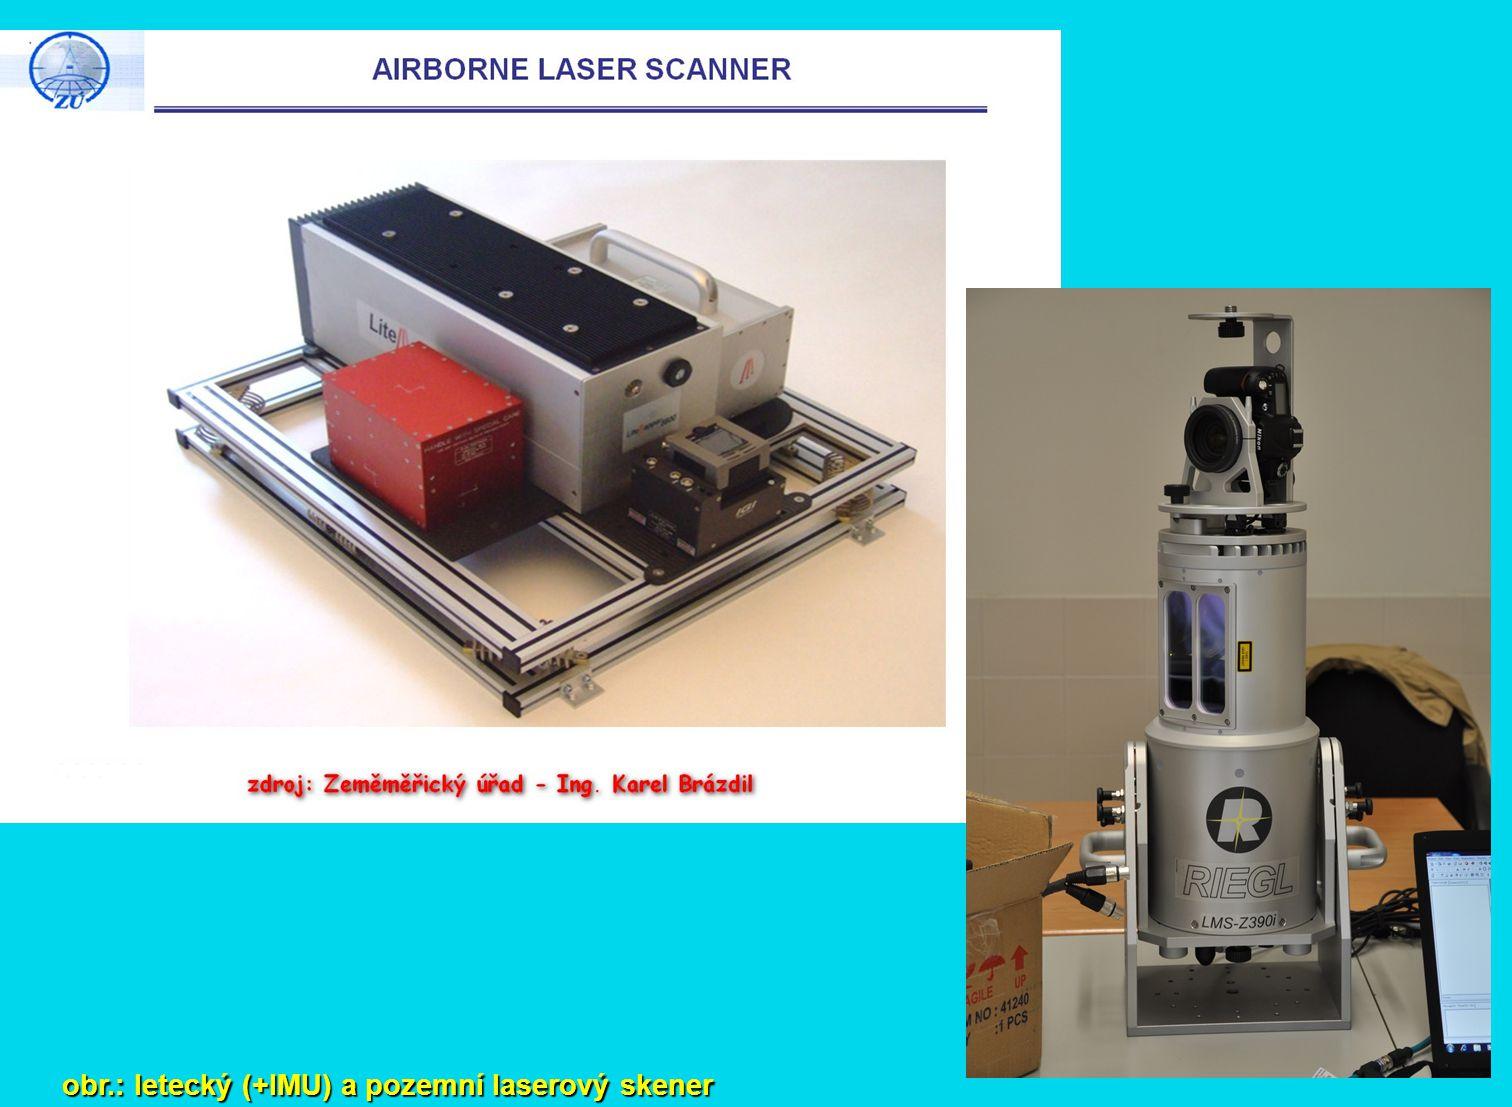 obr.: letecký (+IMU) a pozemní laserový skener